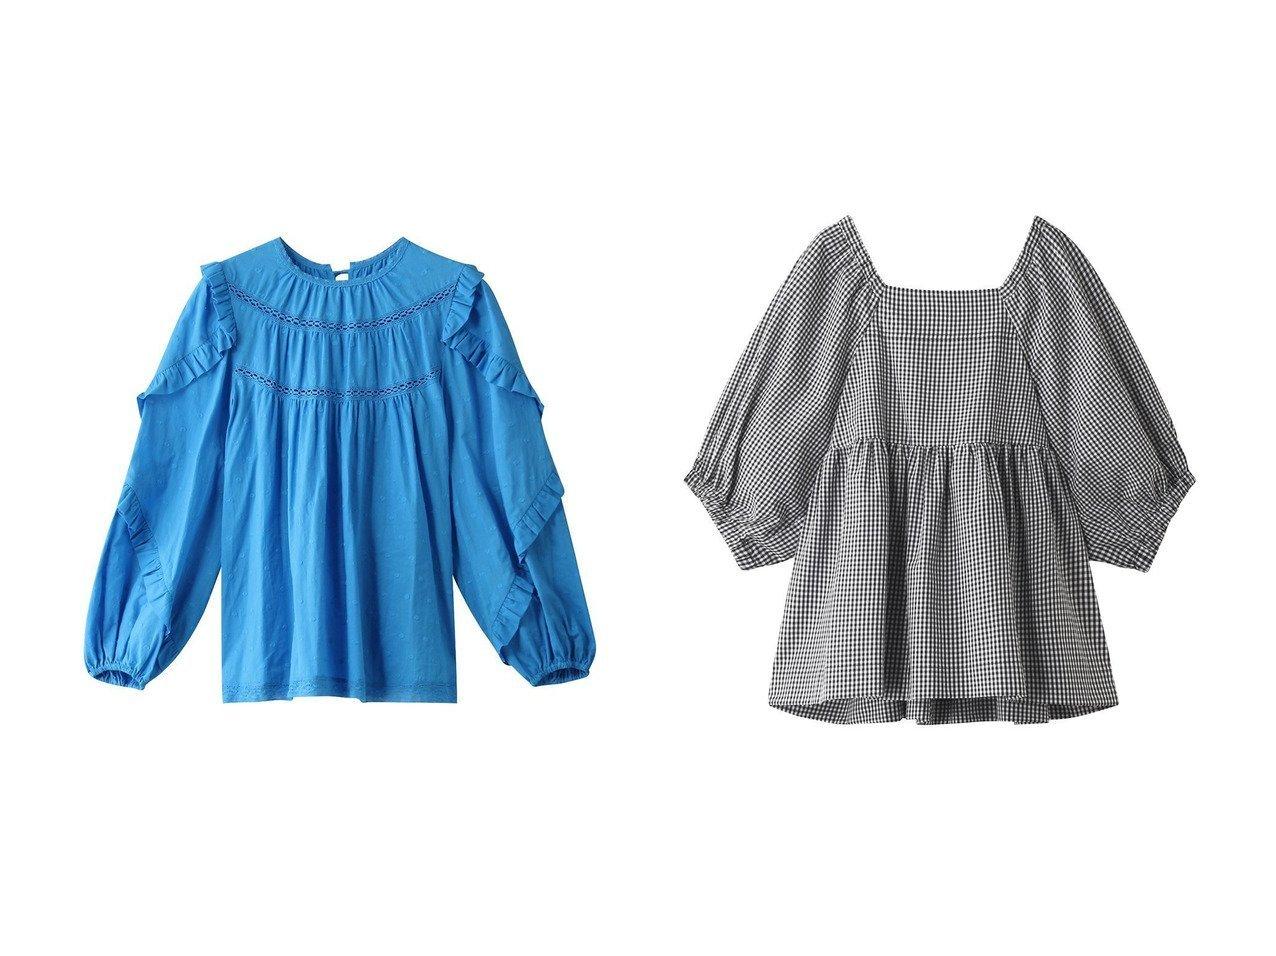 【MUVEIL/ミュベール】のドット刺繍ブラウス&【Shinzone/シンゾーン】のスクエアネックブラウス 【トップス・カットソー】おすすめ!人気、トレンド・レディースファッションの通販 おすすめで人気の流行・トレンド、ファッションの通販商品 メンズファッション・キッズファッション・インテリア・家具・レディースファッション・服の通販 founy(ファニー) https://founy.com/ ファッション Fashion レディースファッション WOMEN トップス・カットソー Tops/Tshirt シャツ/ブラウス Shirts/Blouses エスニック スリーブ ドット フリル ロング ショート スクエア デコルテ フェミニン リボン |ID:crp329100000033770